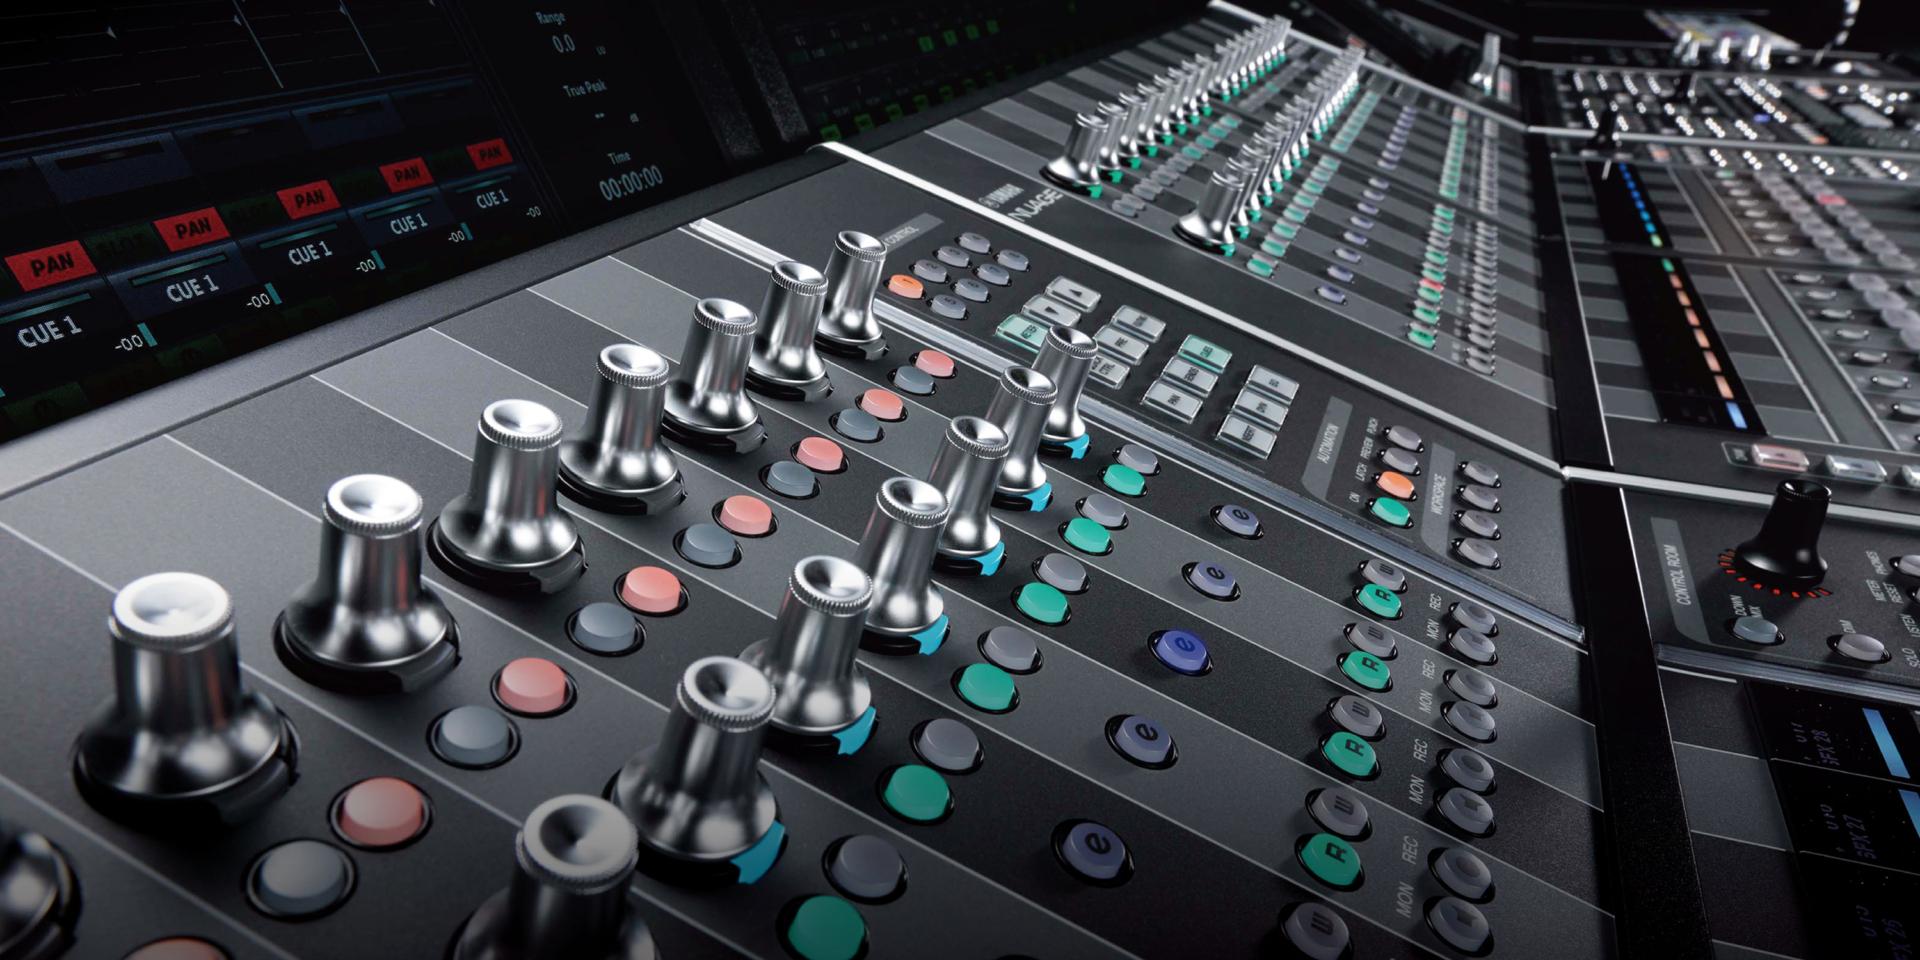 Il nuovo sistema Nuage by Yamaha/Steinberg ridefinisce gli standard qualitativi e di performance nel flusso di lavoro DAW grazie all'altissima integrazione hardware/software, alla qualità dei suoi convertitori e alla potente matrice del protocollo di rete DANTE.